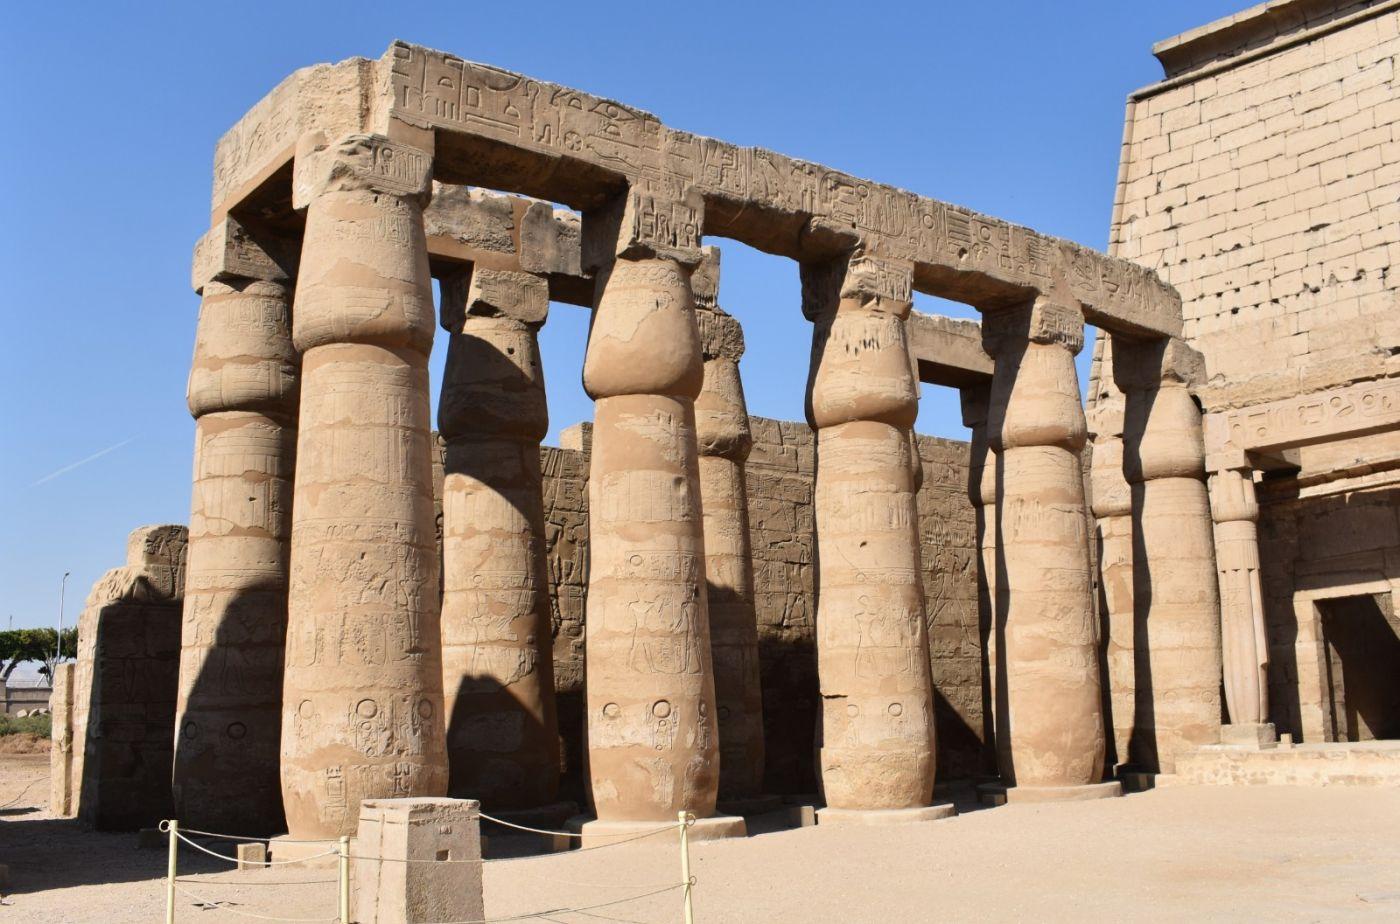 埃德富神庙和卢克索神庙_图1-18